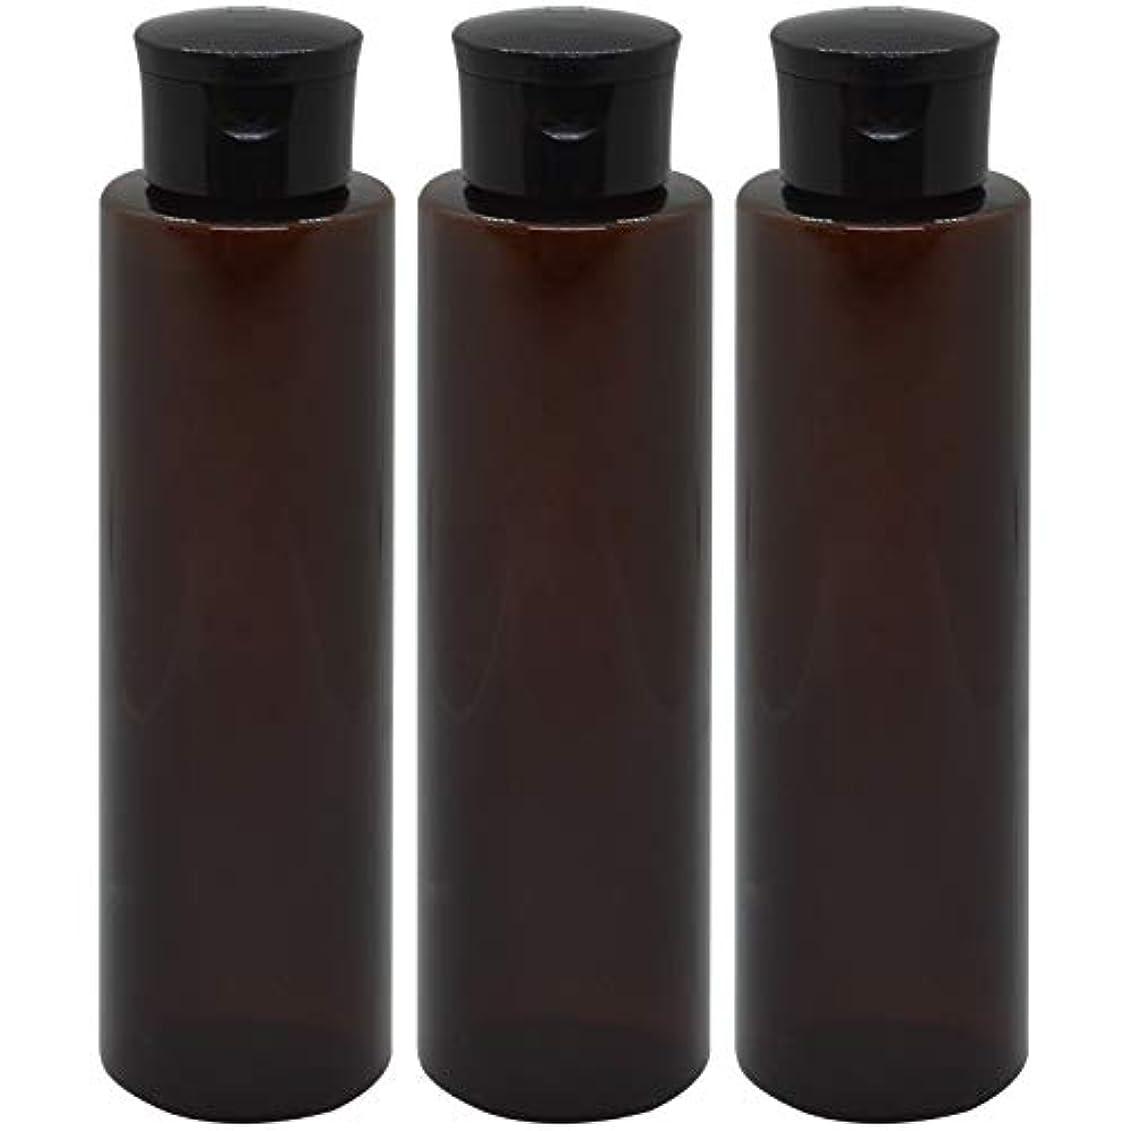 報酬の溶かすマウスピース日本製 化粧品詰め替えボトル 茶色 200ml 3本セット ワンタッチキャップペットボトル クリアブラウン